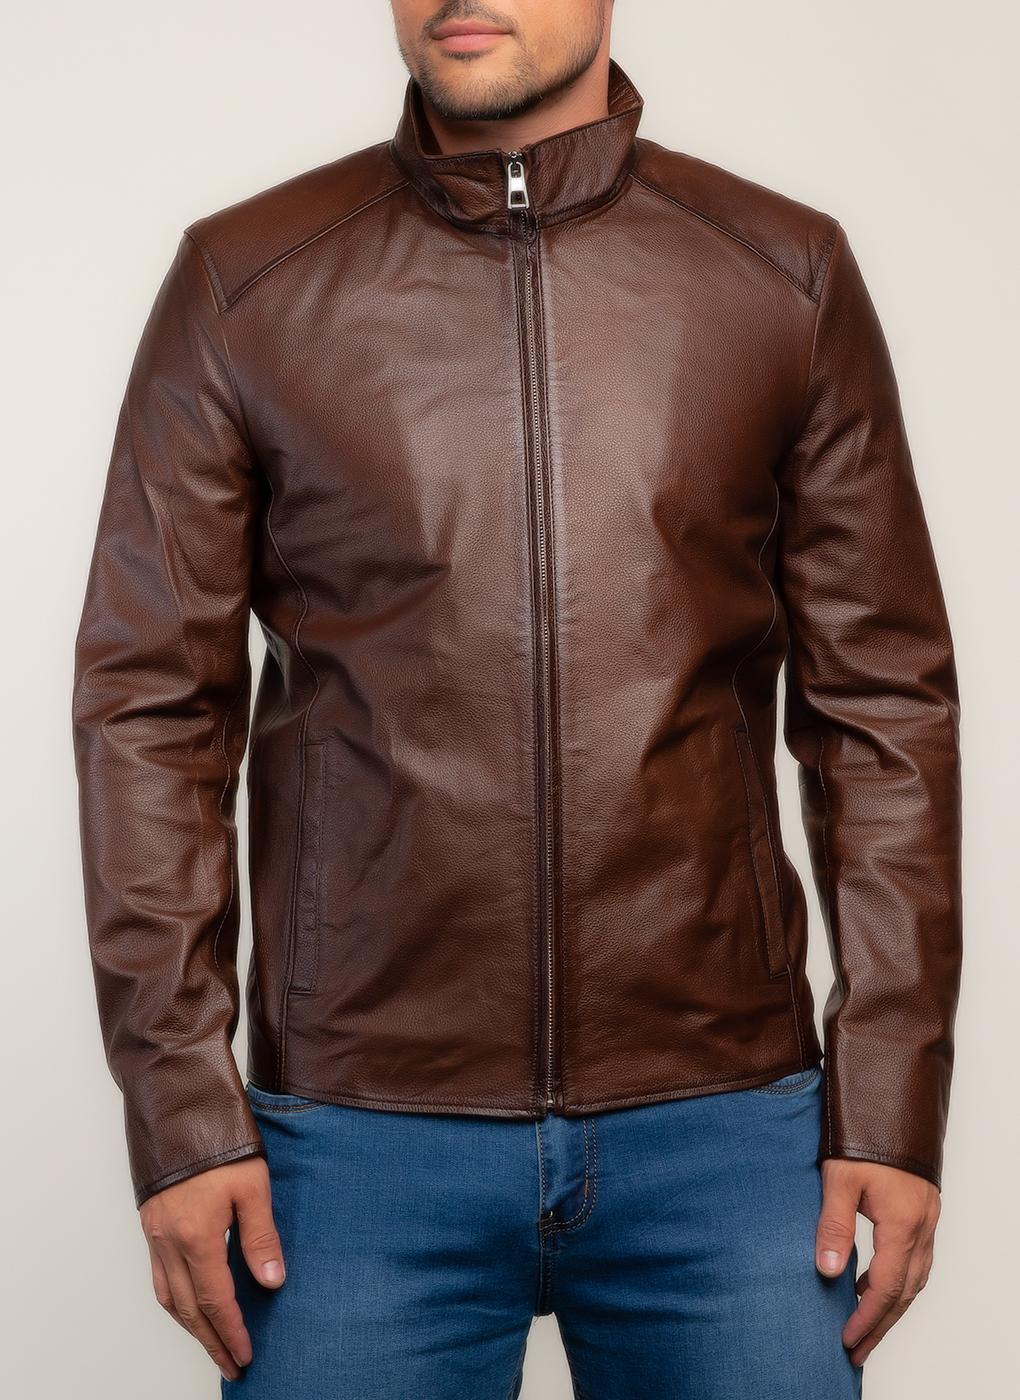 Кожаная куртка мужская 26, КАЛЯЕВ фото